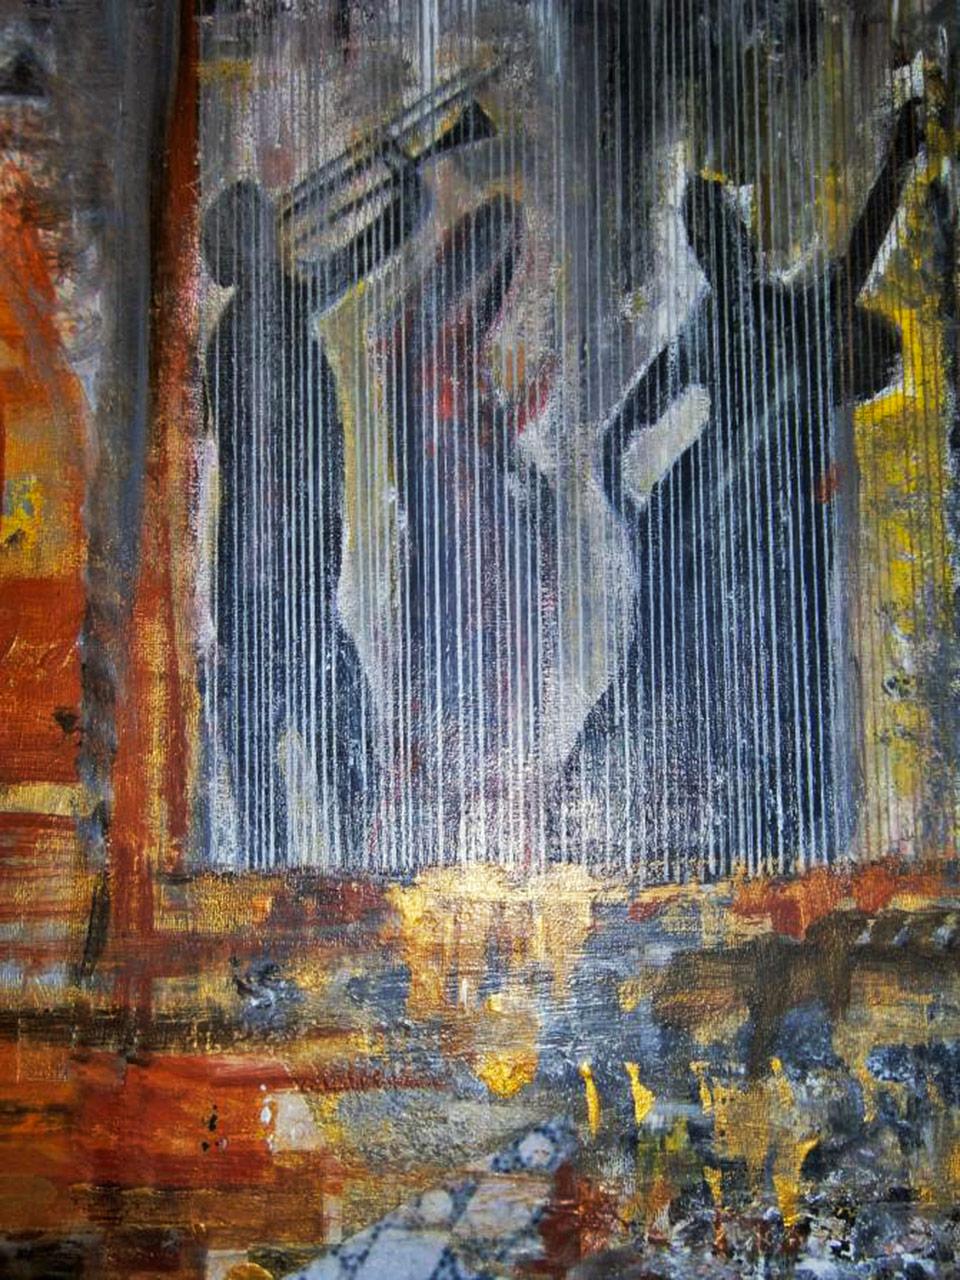 L'orchestrina jazz- tecnica mista su tela cm 50 x 50 anno 2014 (collezione privata)